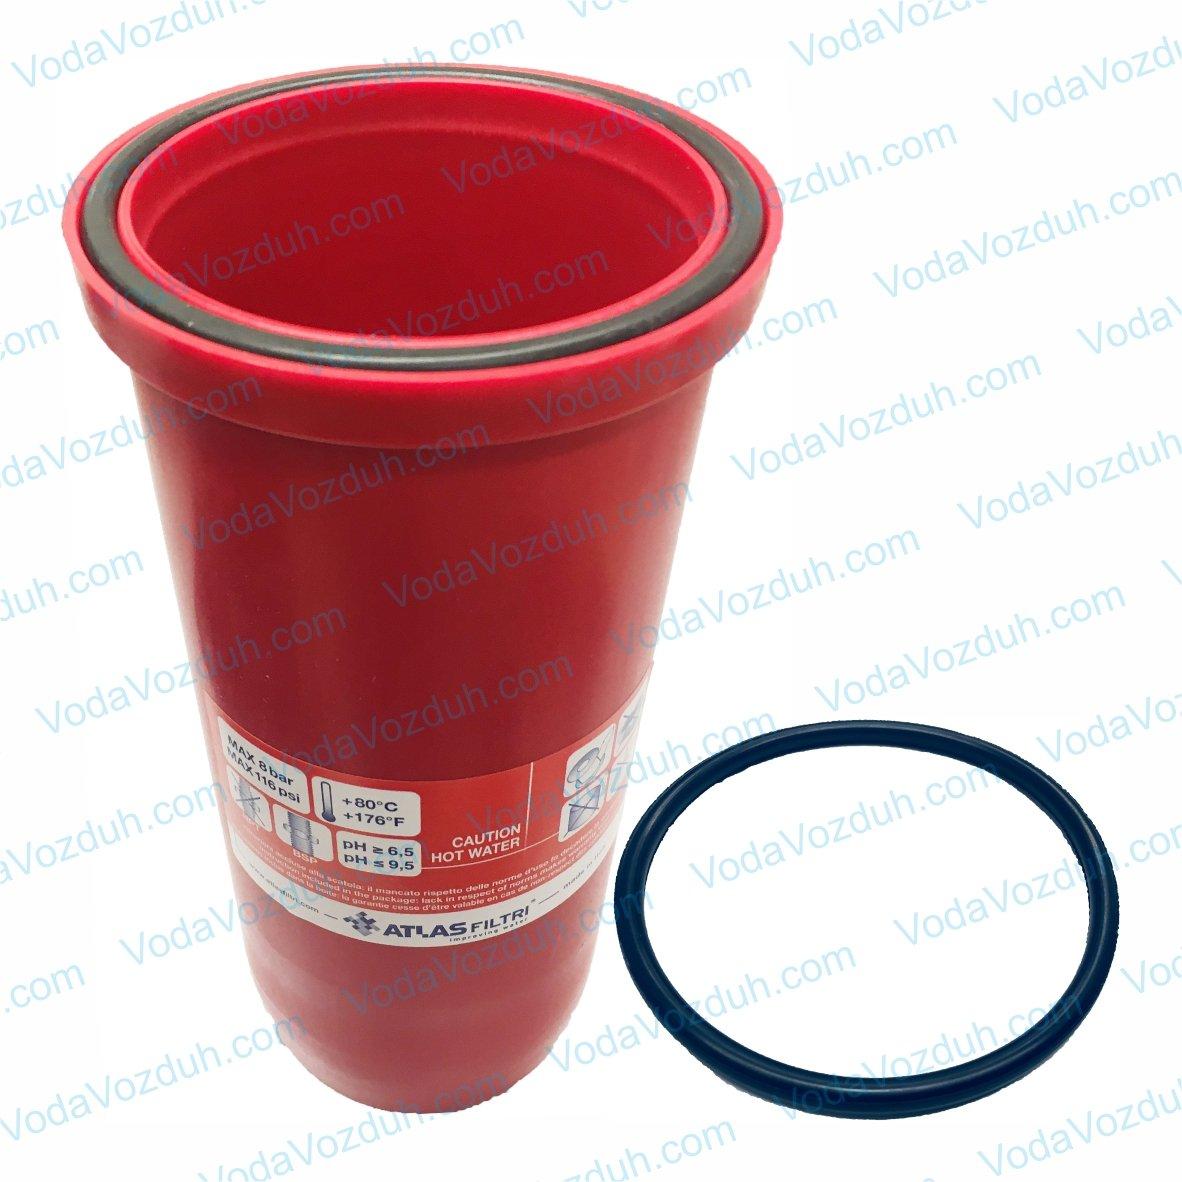 Atlas Filtri Senior резиновое уплотнительное кольцо